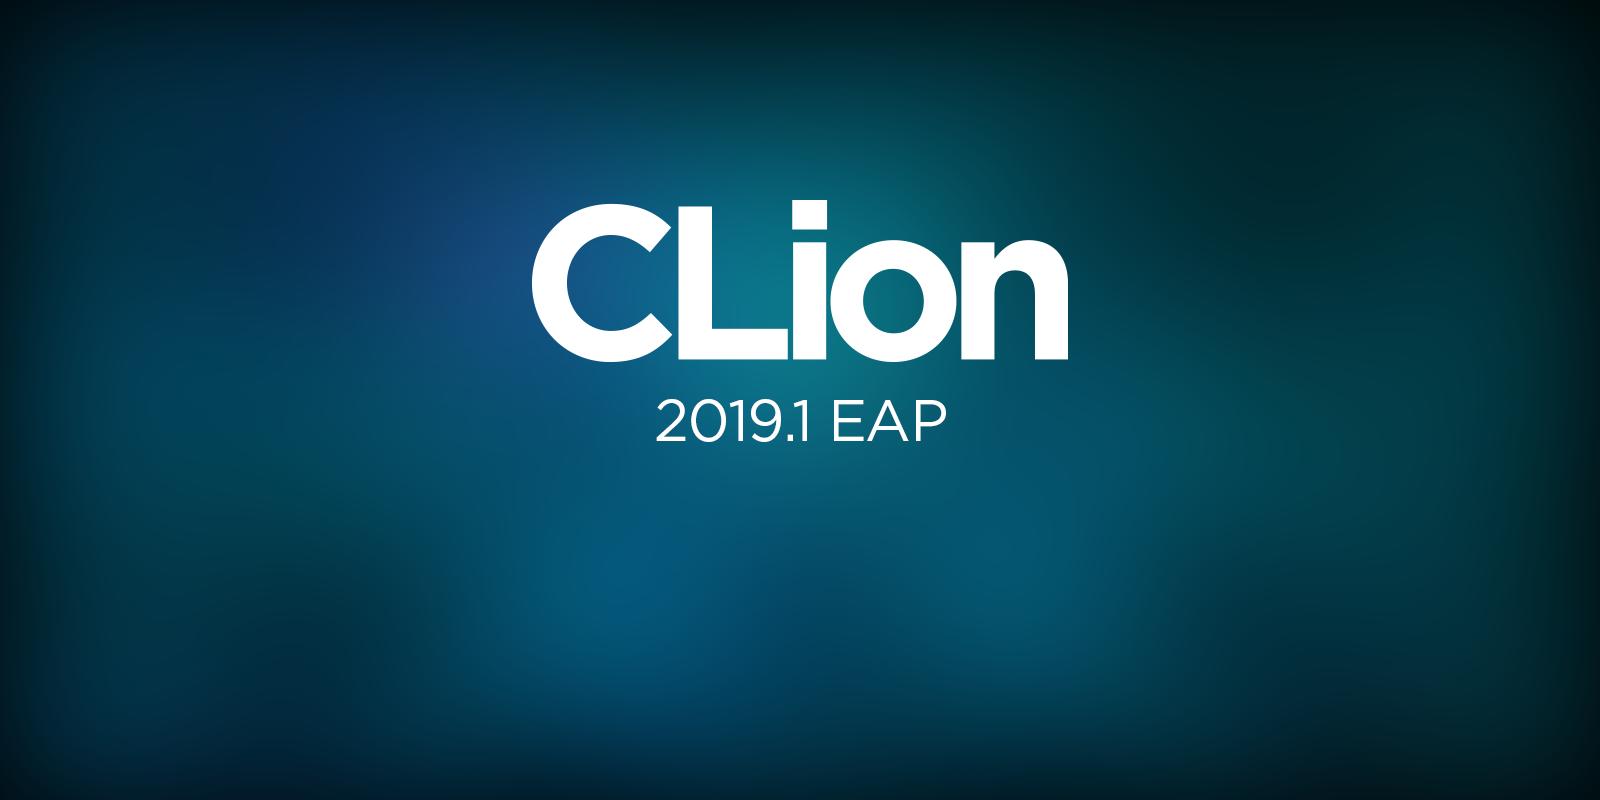 CLion 2019.1 EAP